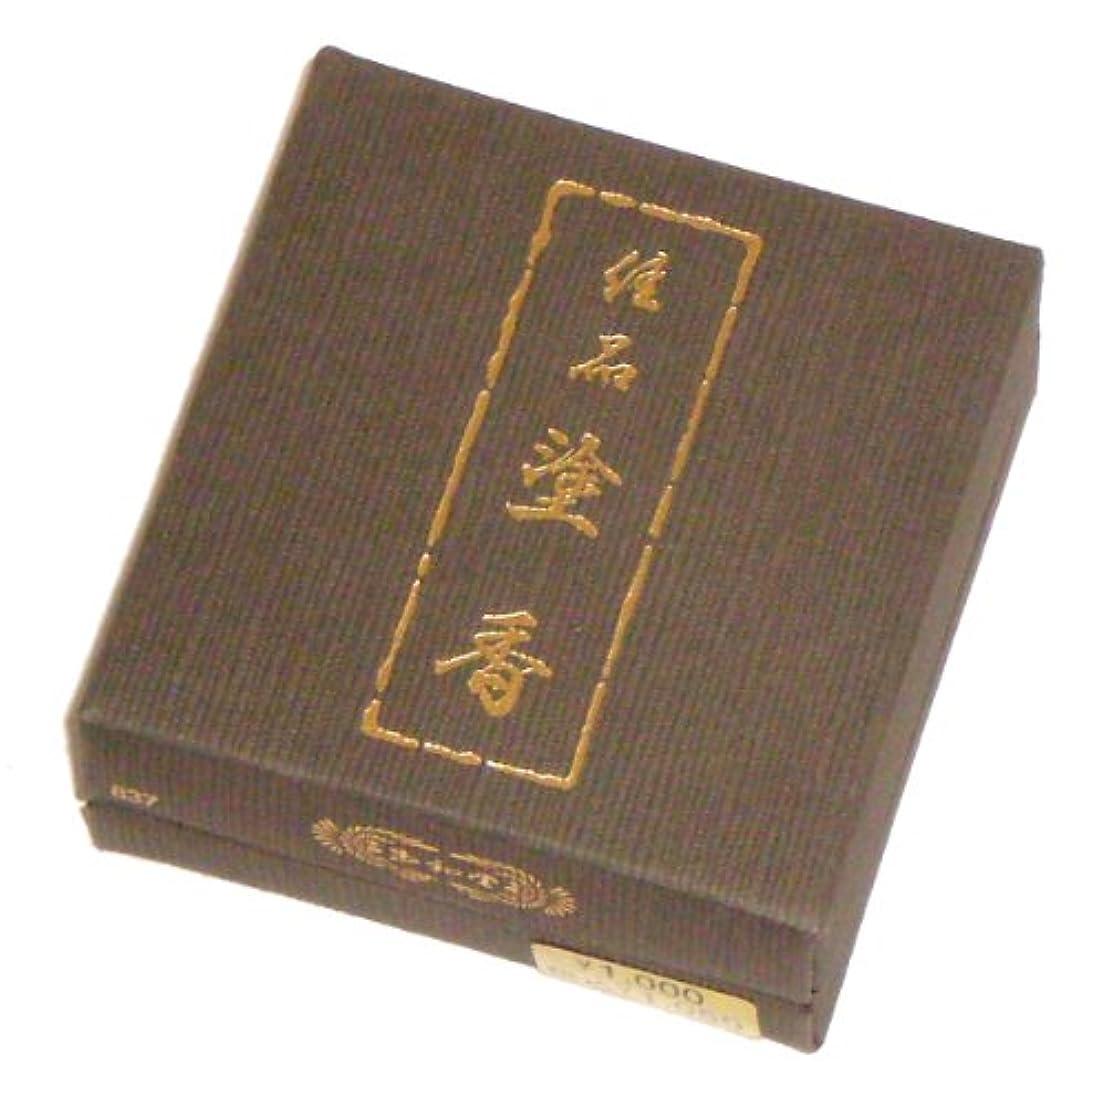 衝動上昇あいにく玉初堂のお香 佳品塗香 15g 紙箱 #837